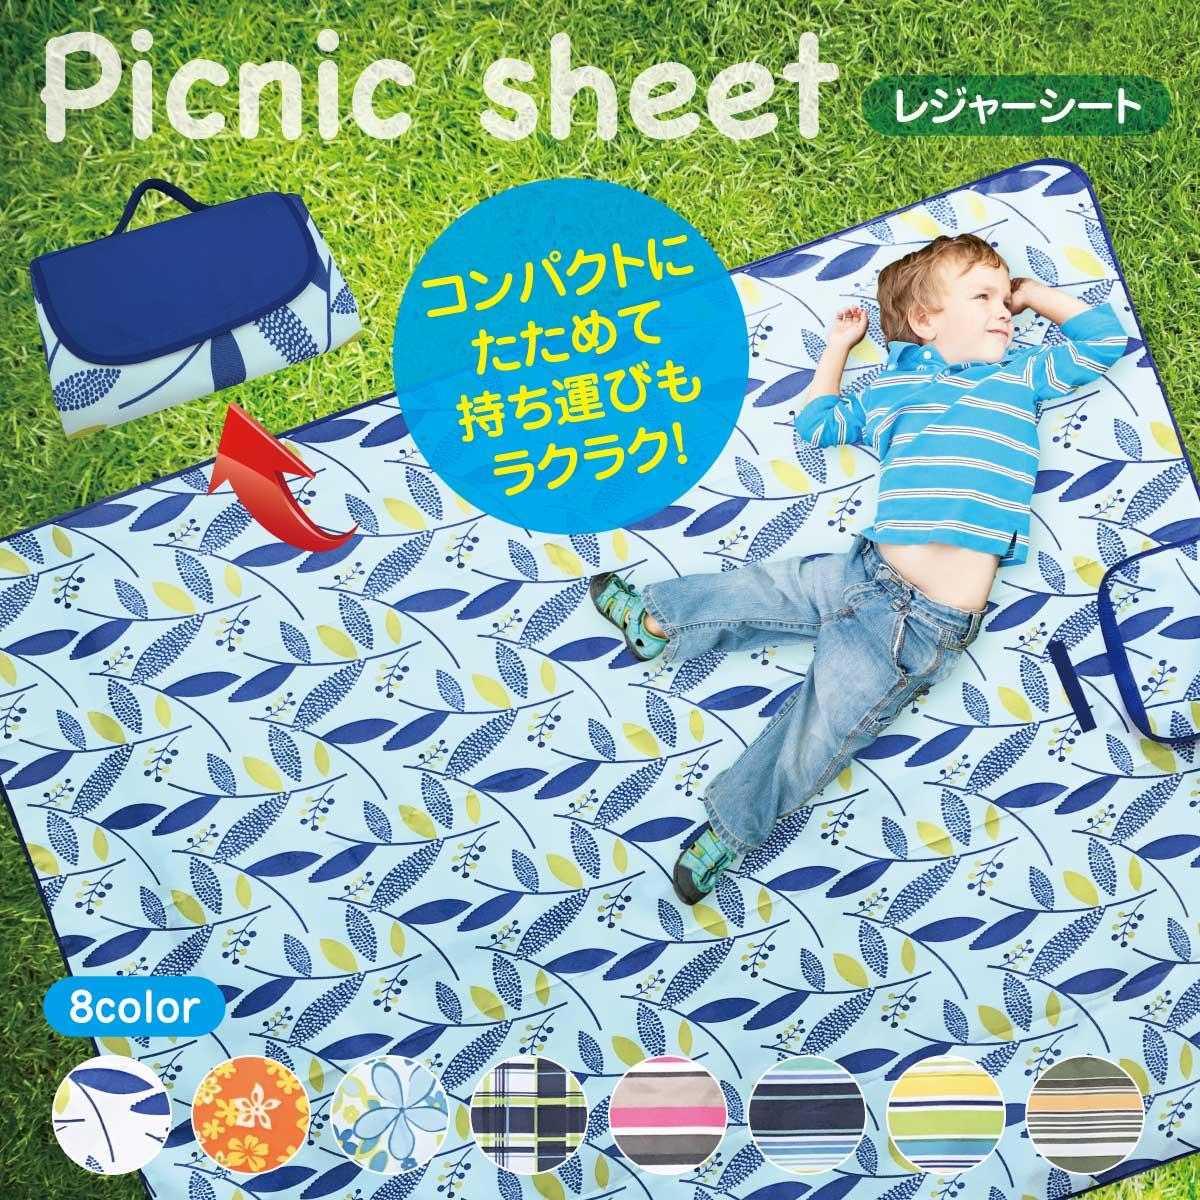 レジャーシート 大きい 折りたたみ 8色 洗える 防水 運動会 子供 遠足 バック型 おしゃれ アウトドア ピクニック 厚手 大きい コンパクト 海 夏休み かわいい l-sheet01